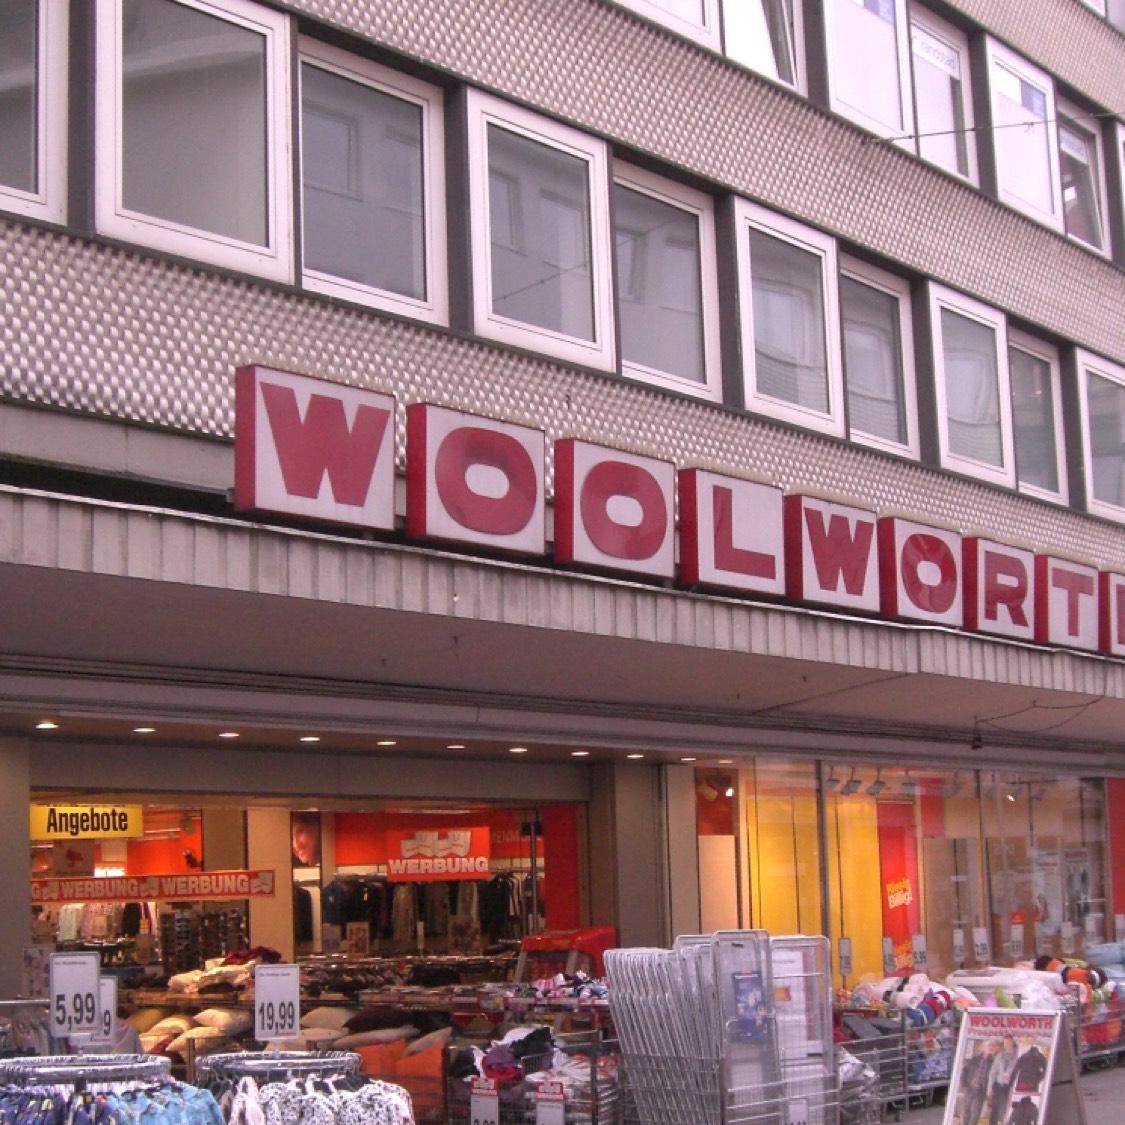 Woolworth Gelsenkirchen: 50% auf alles